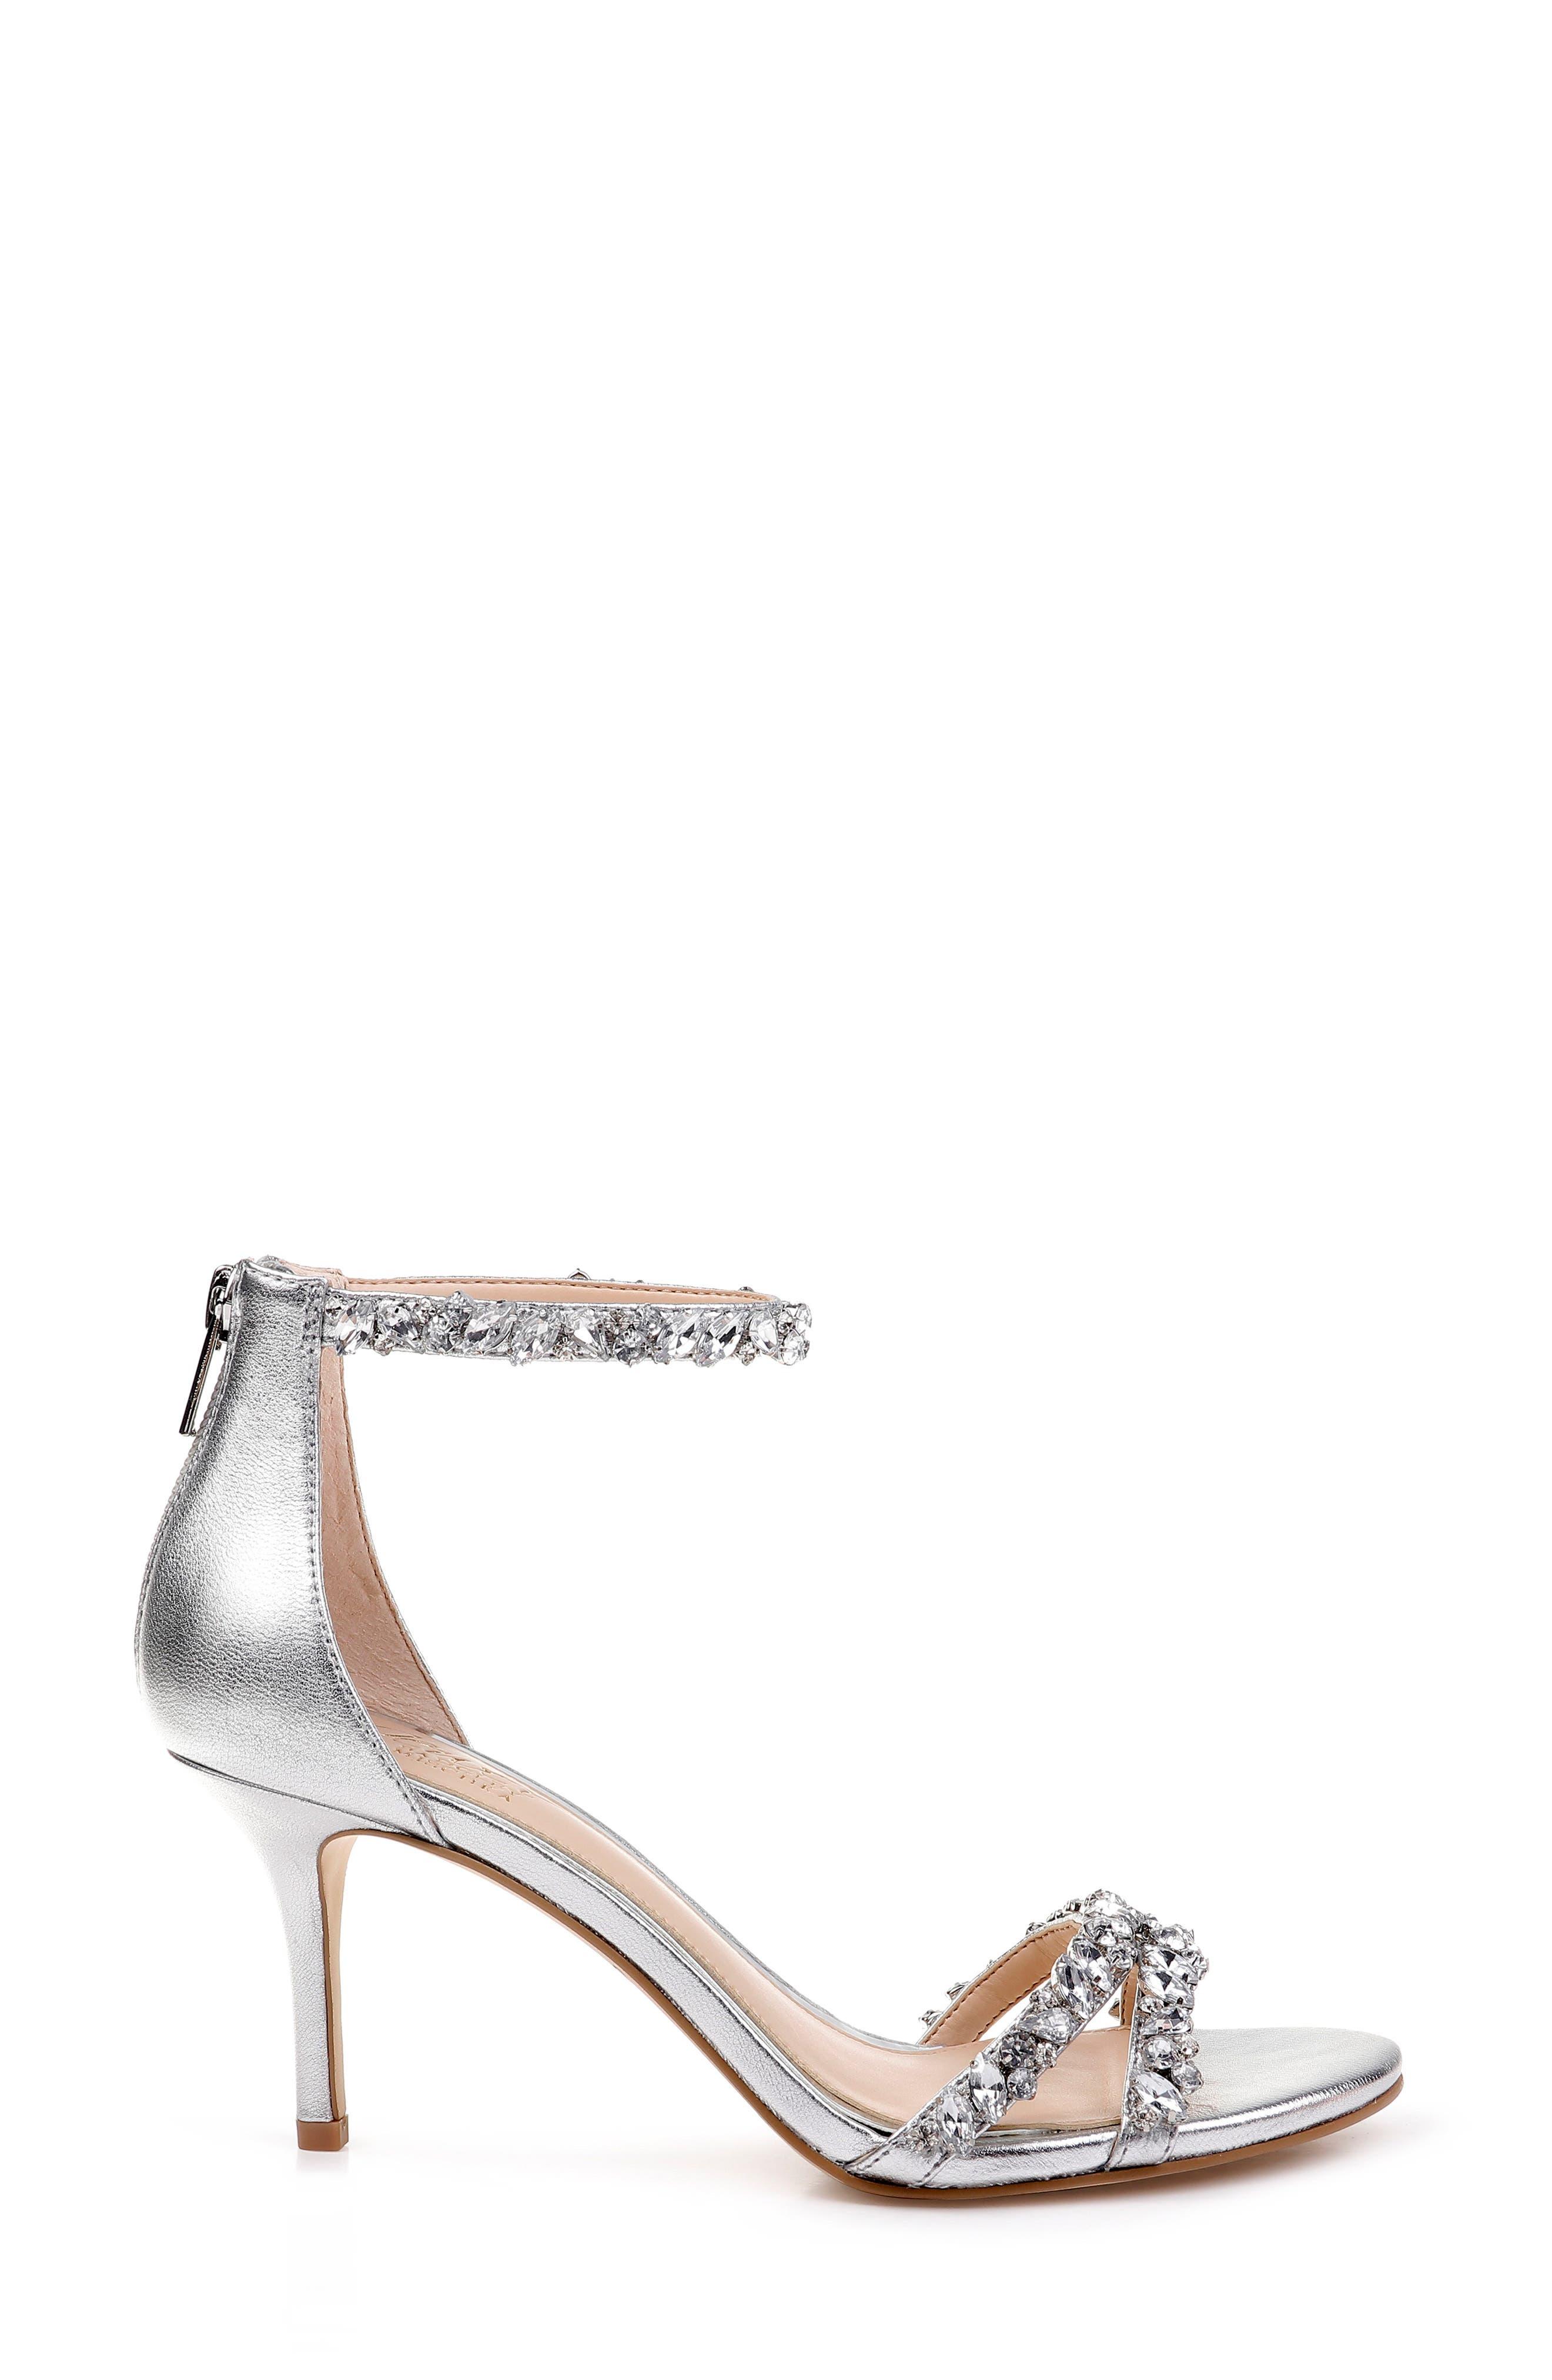 JEWEL BADGLEY MISCHKA, Darlene Embellished Ankle Strap Sandal, Alternate thumbnail 3, color, SILVER LEATHER